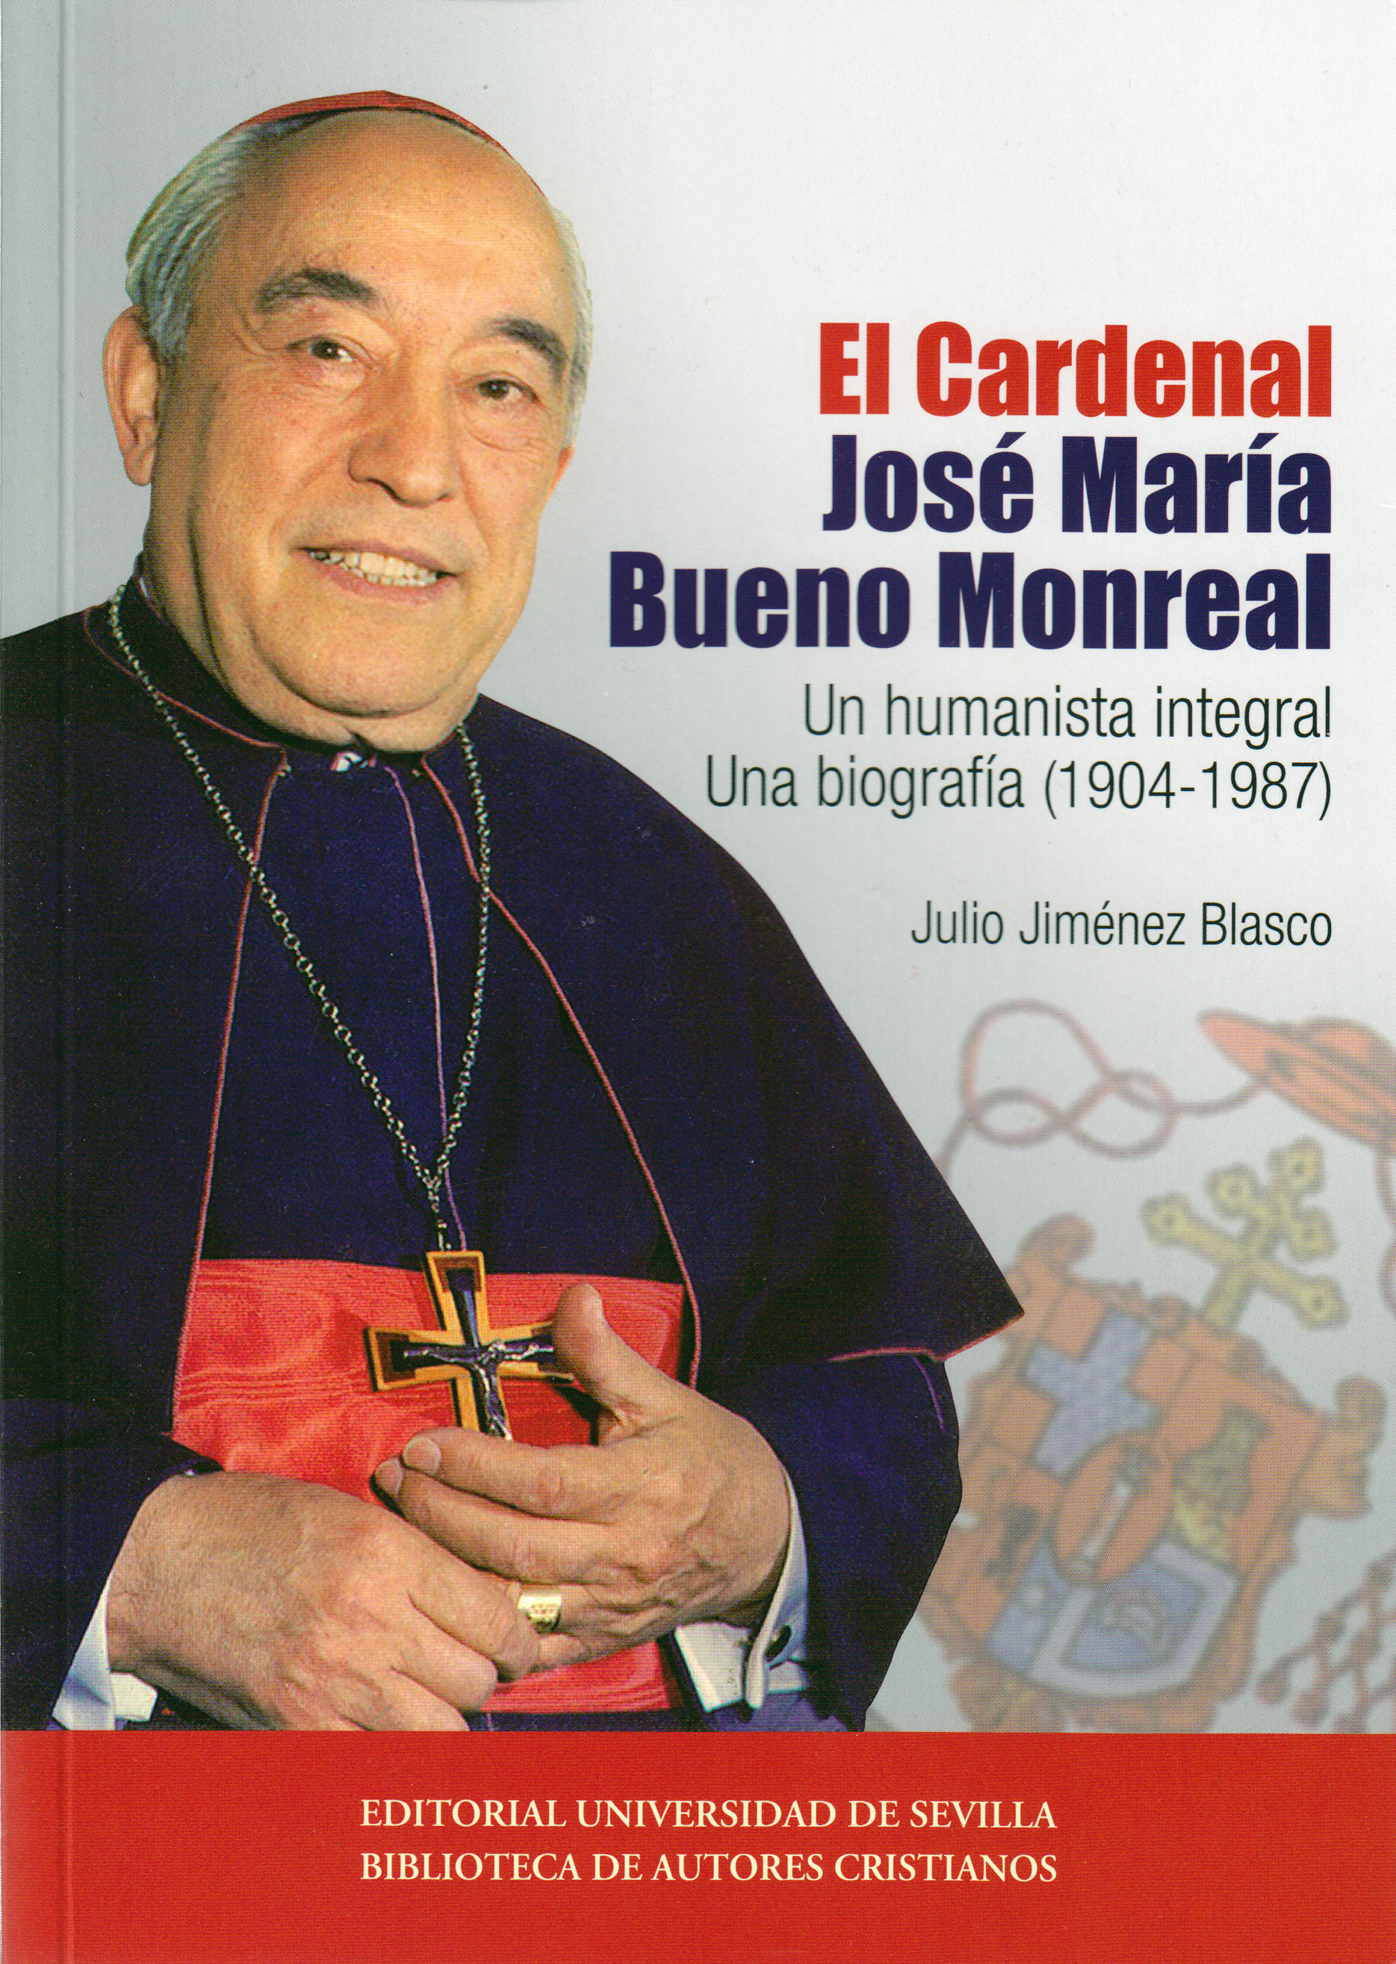 El Cardenal José Mara Bueno Monreal un humanista integral Una